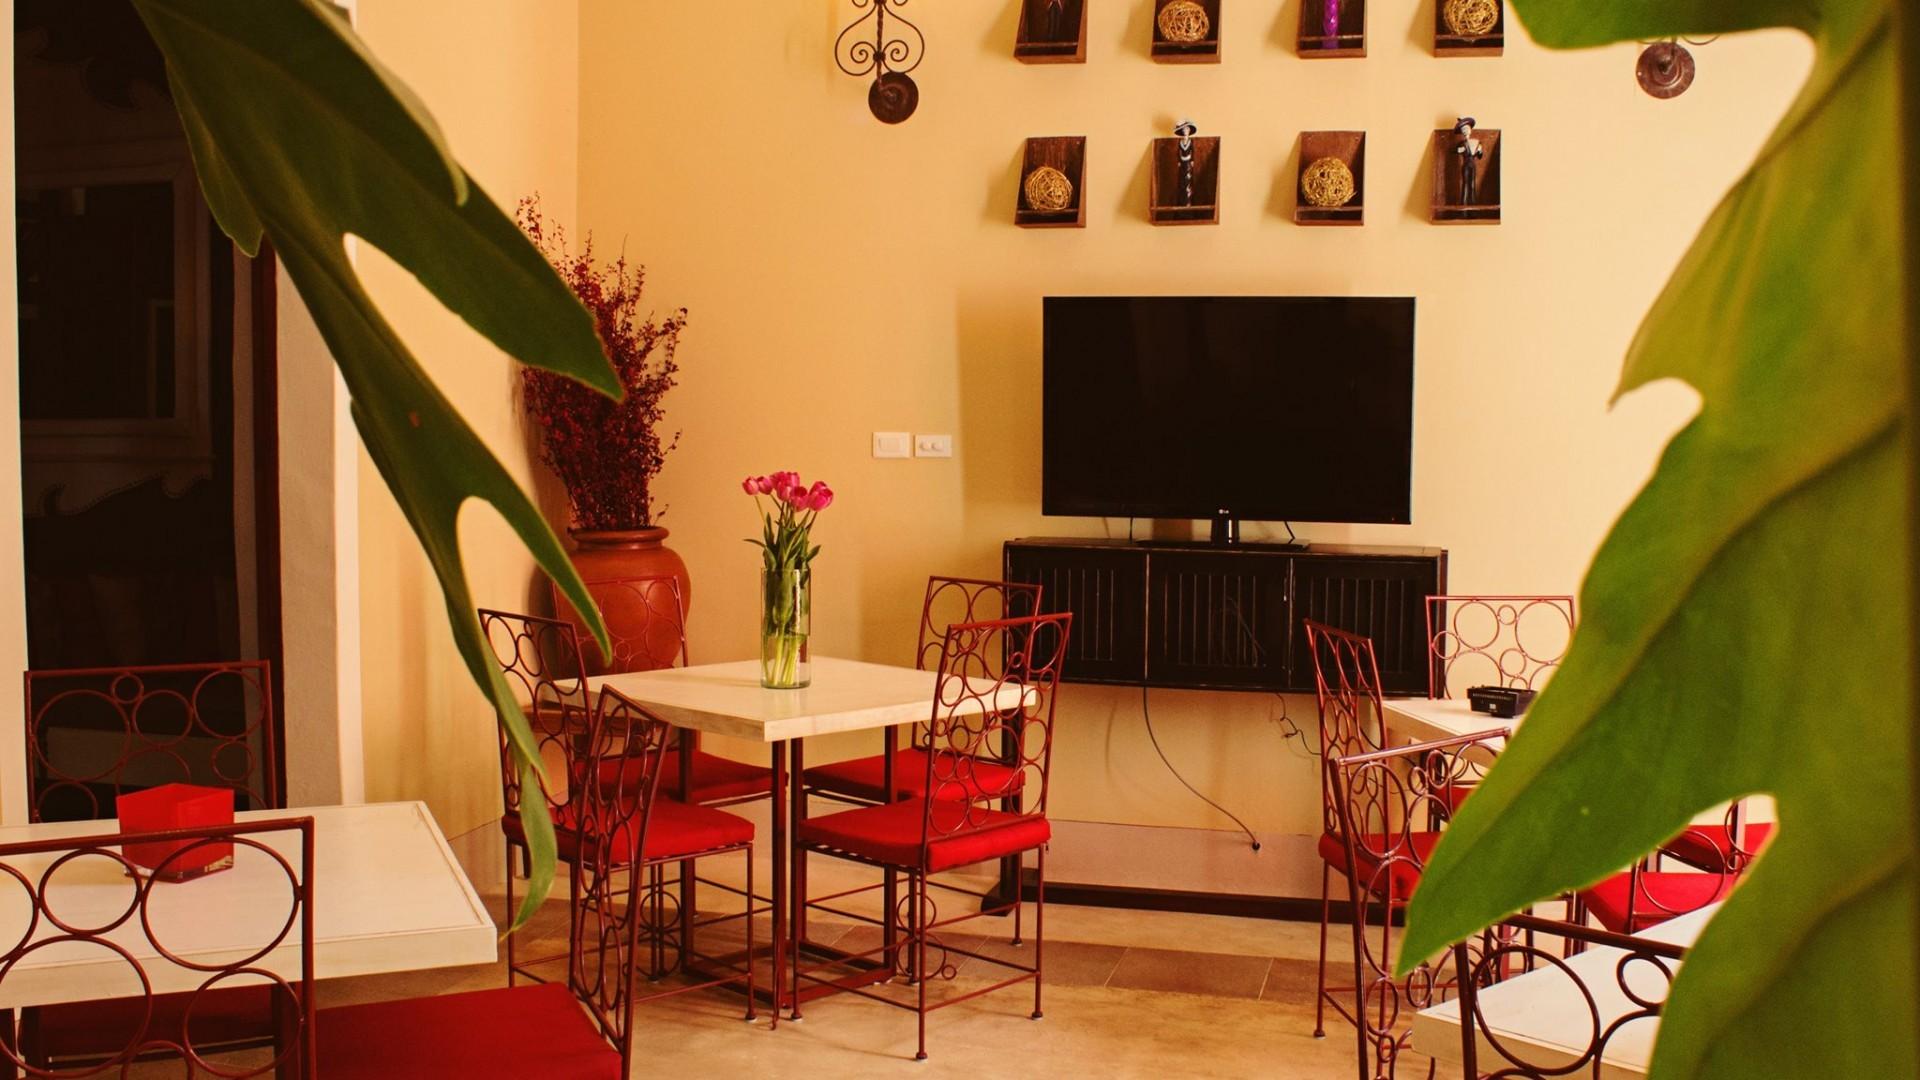 Restaurant hotel casa italia merida mexico - Casa italia mexico ...